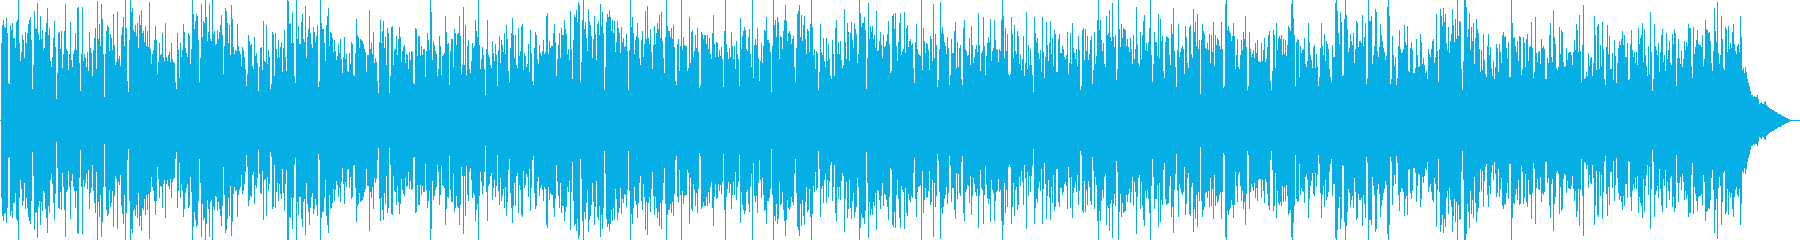 情熱的なラテンBGMの再生済みの波形